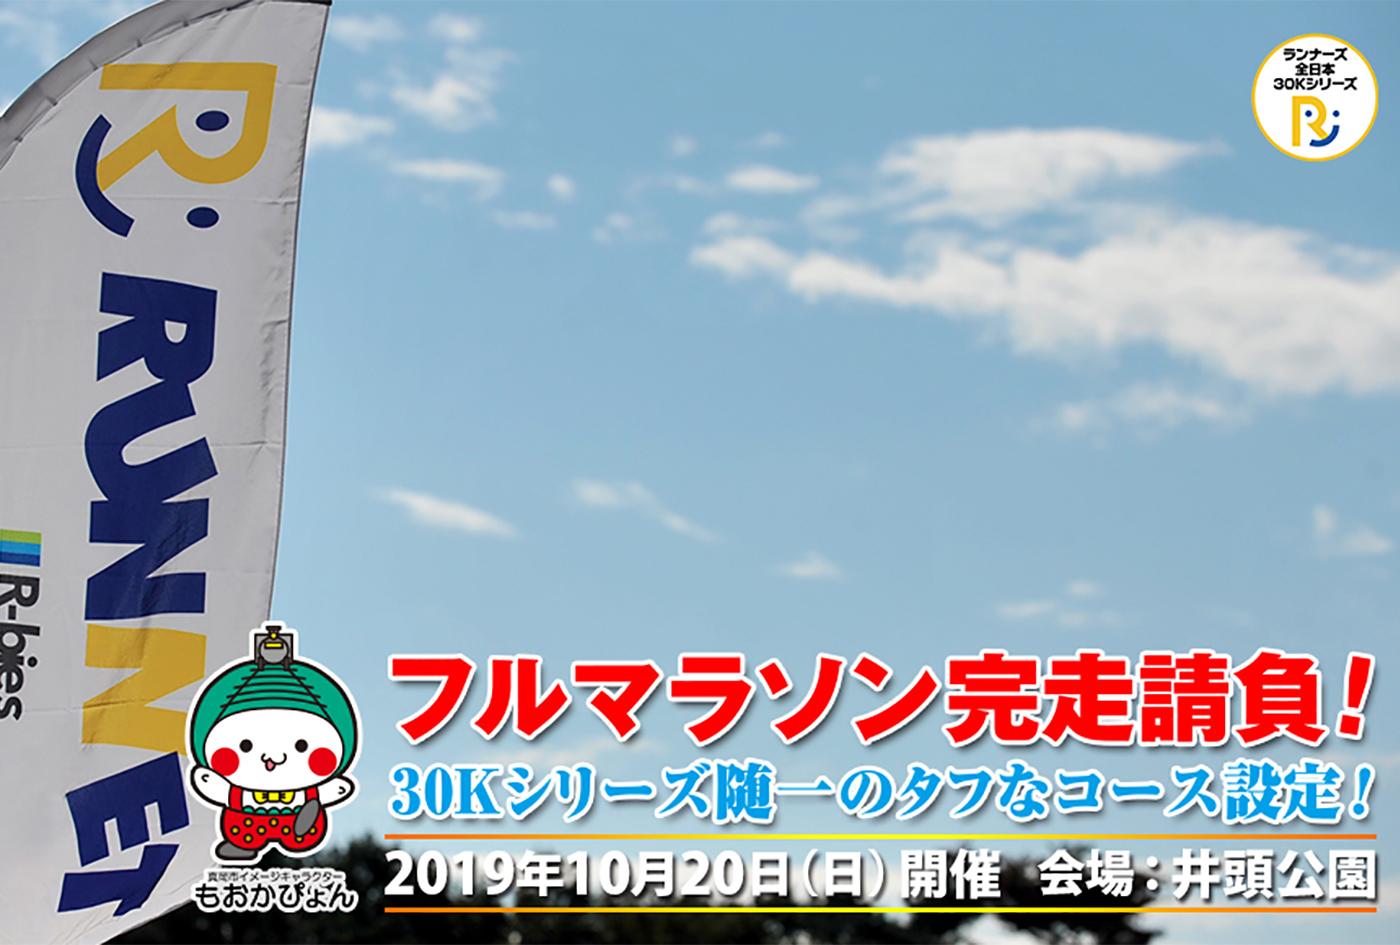 栃木30K フルマラソン | 栃木県